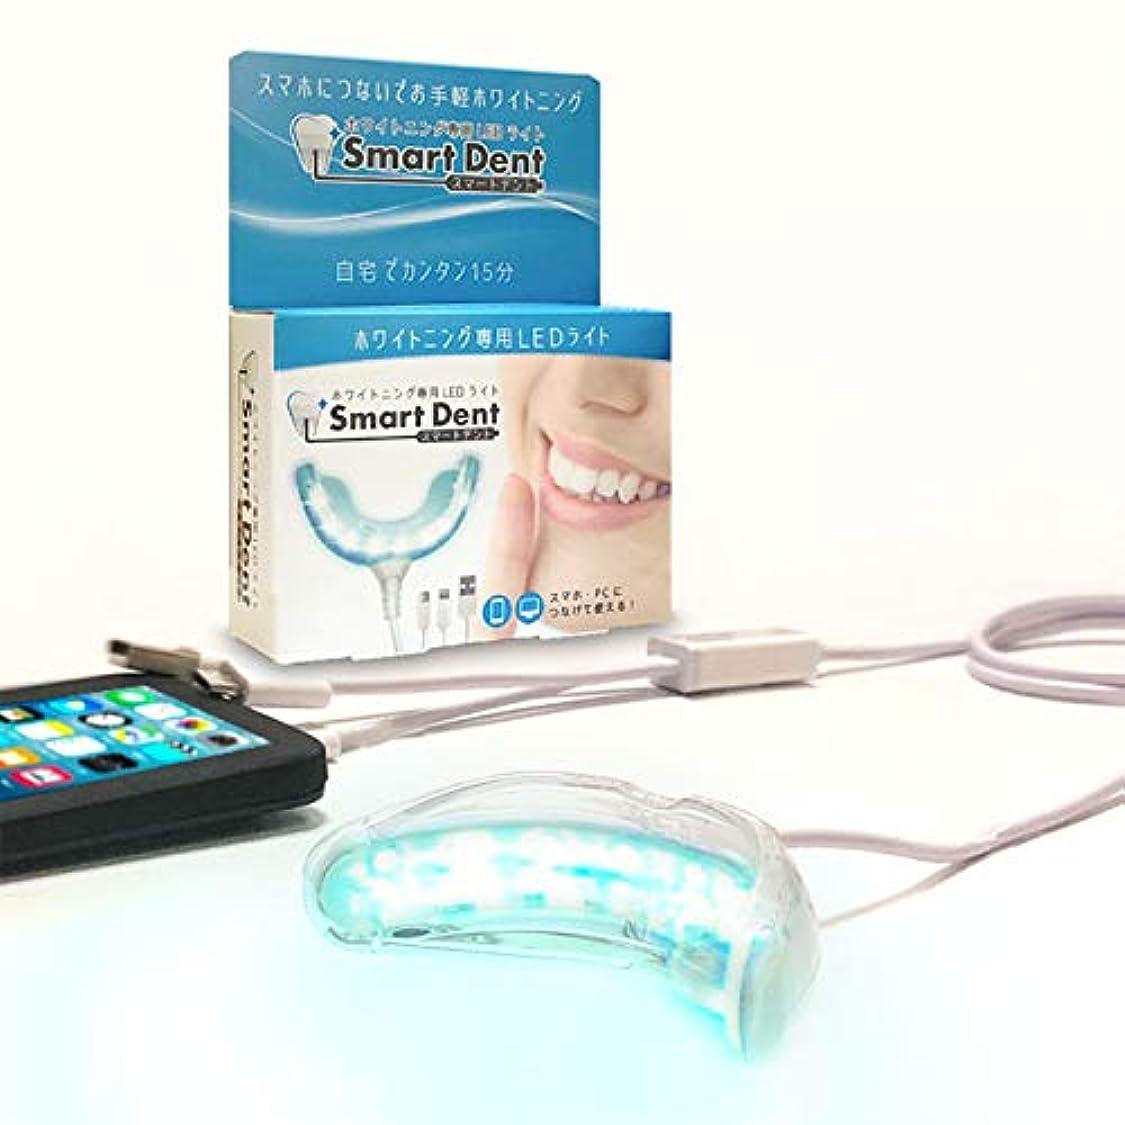 脊椎承知しましたばかげたスマートデント (Smart Dent) お手軽ホワイトニング セルフケア [LEDライトのみ] シリコン マウスピース 【一般医療機器】